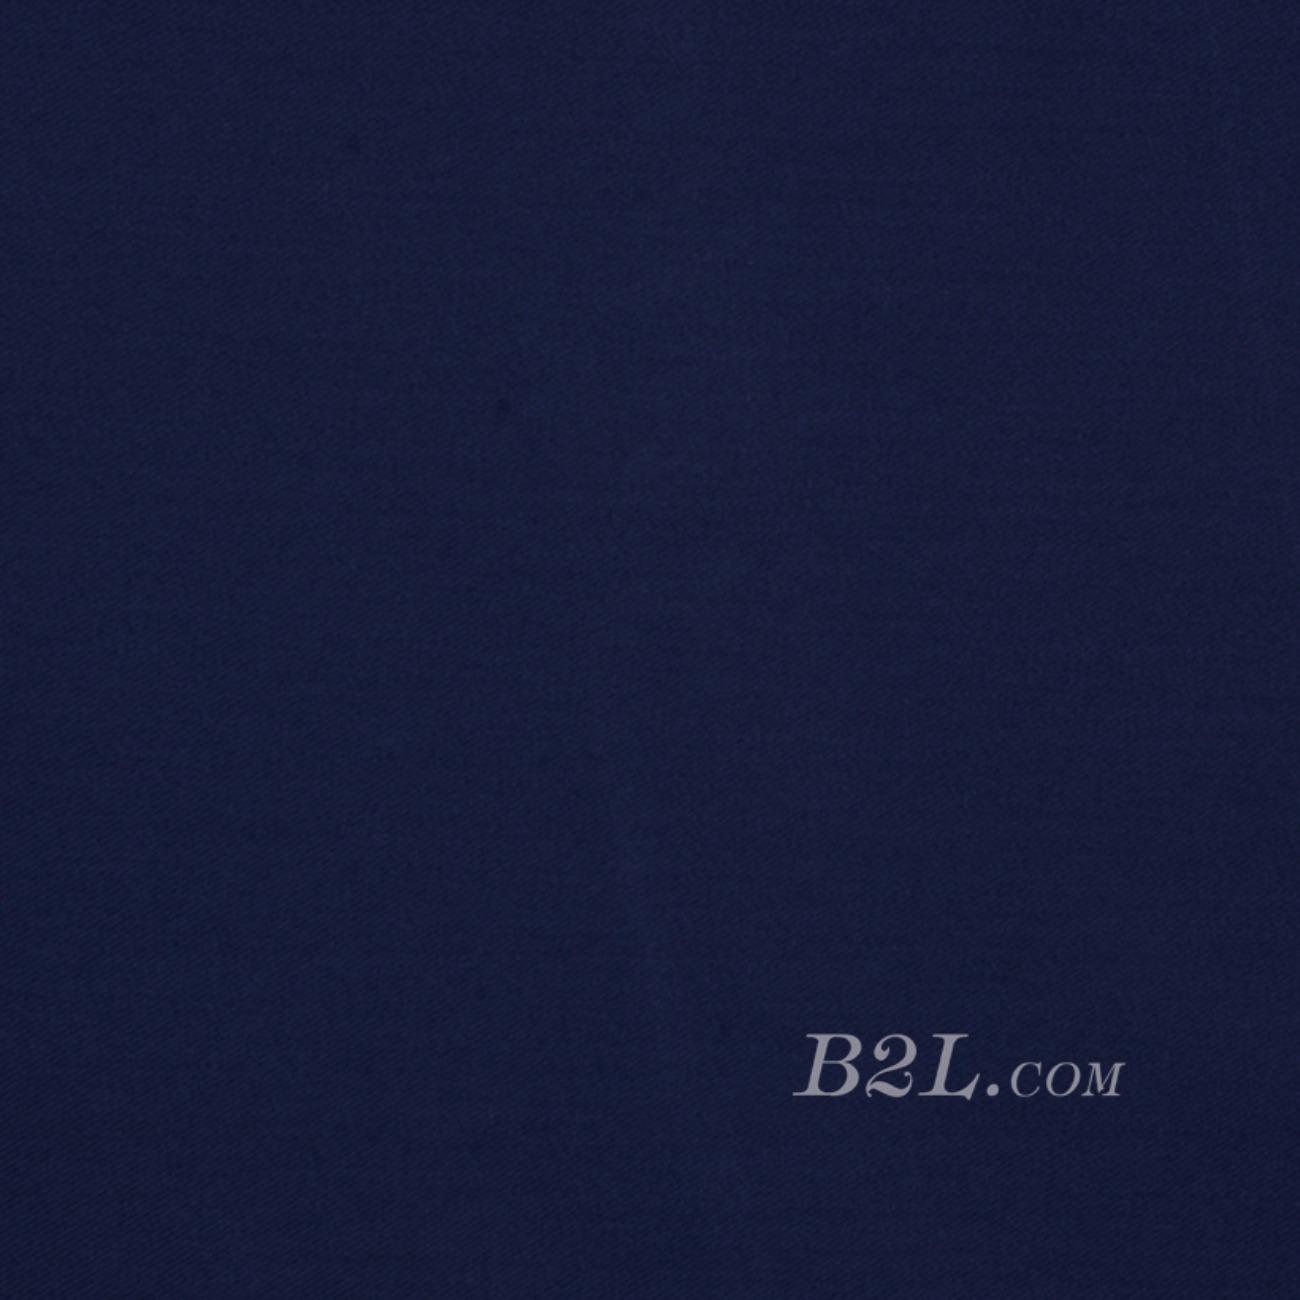 斜纹梭织素色染色连衣裙 短裙 衬衫 低弹 春 秋 柔软 70823-12